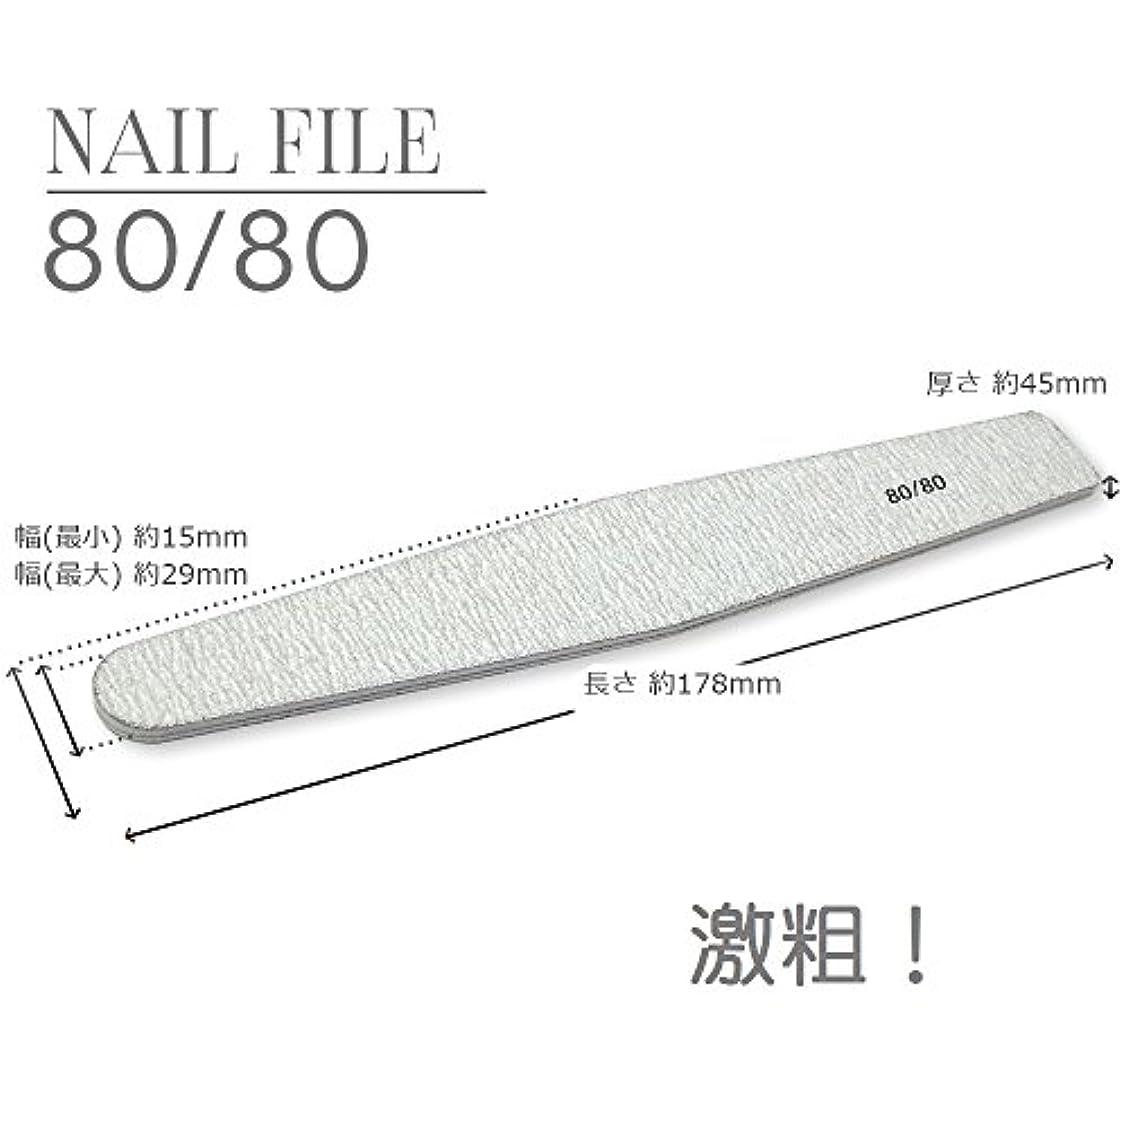 軽減ペインブレーキネイルファイル【80/80】激粗 1本 ★ガリガリ削れます!